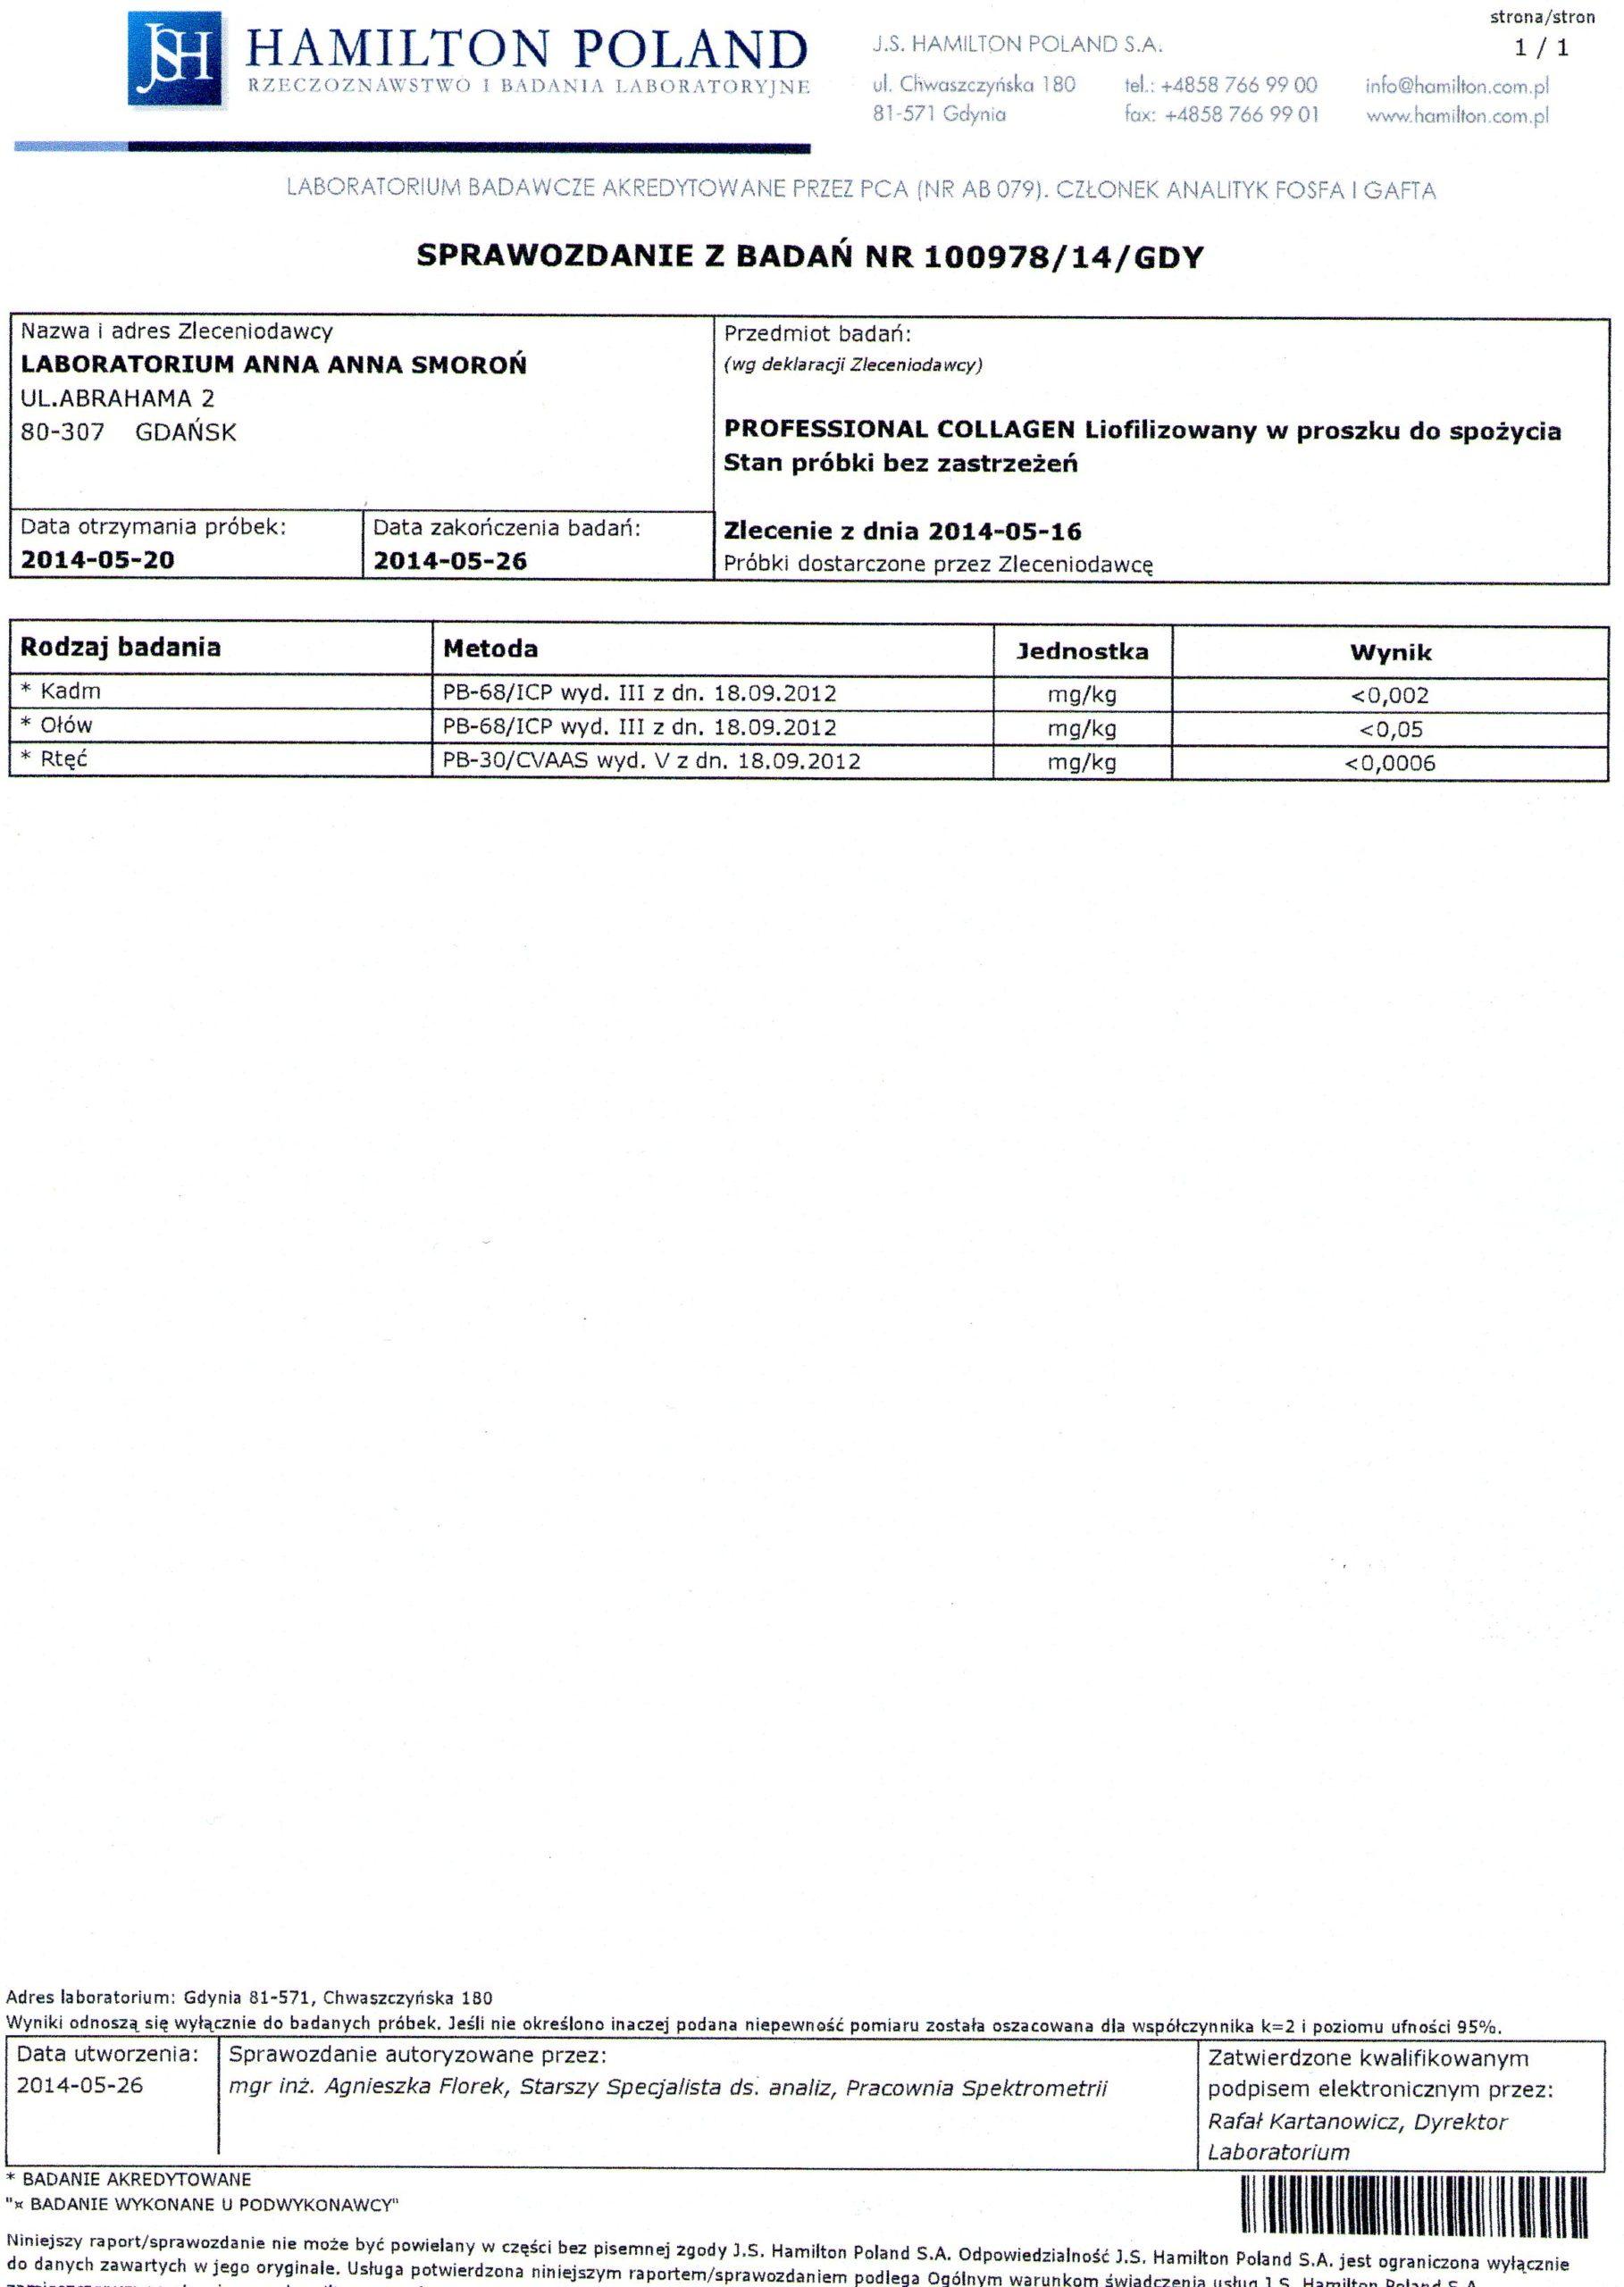 Sprawozdanie z badań Hamilton Poland